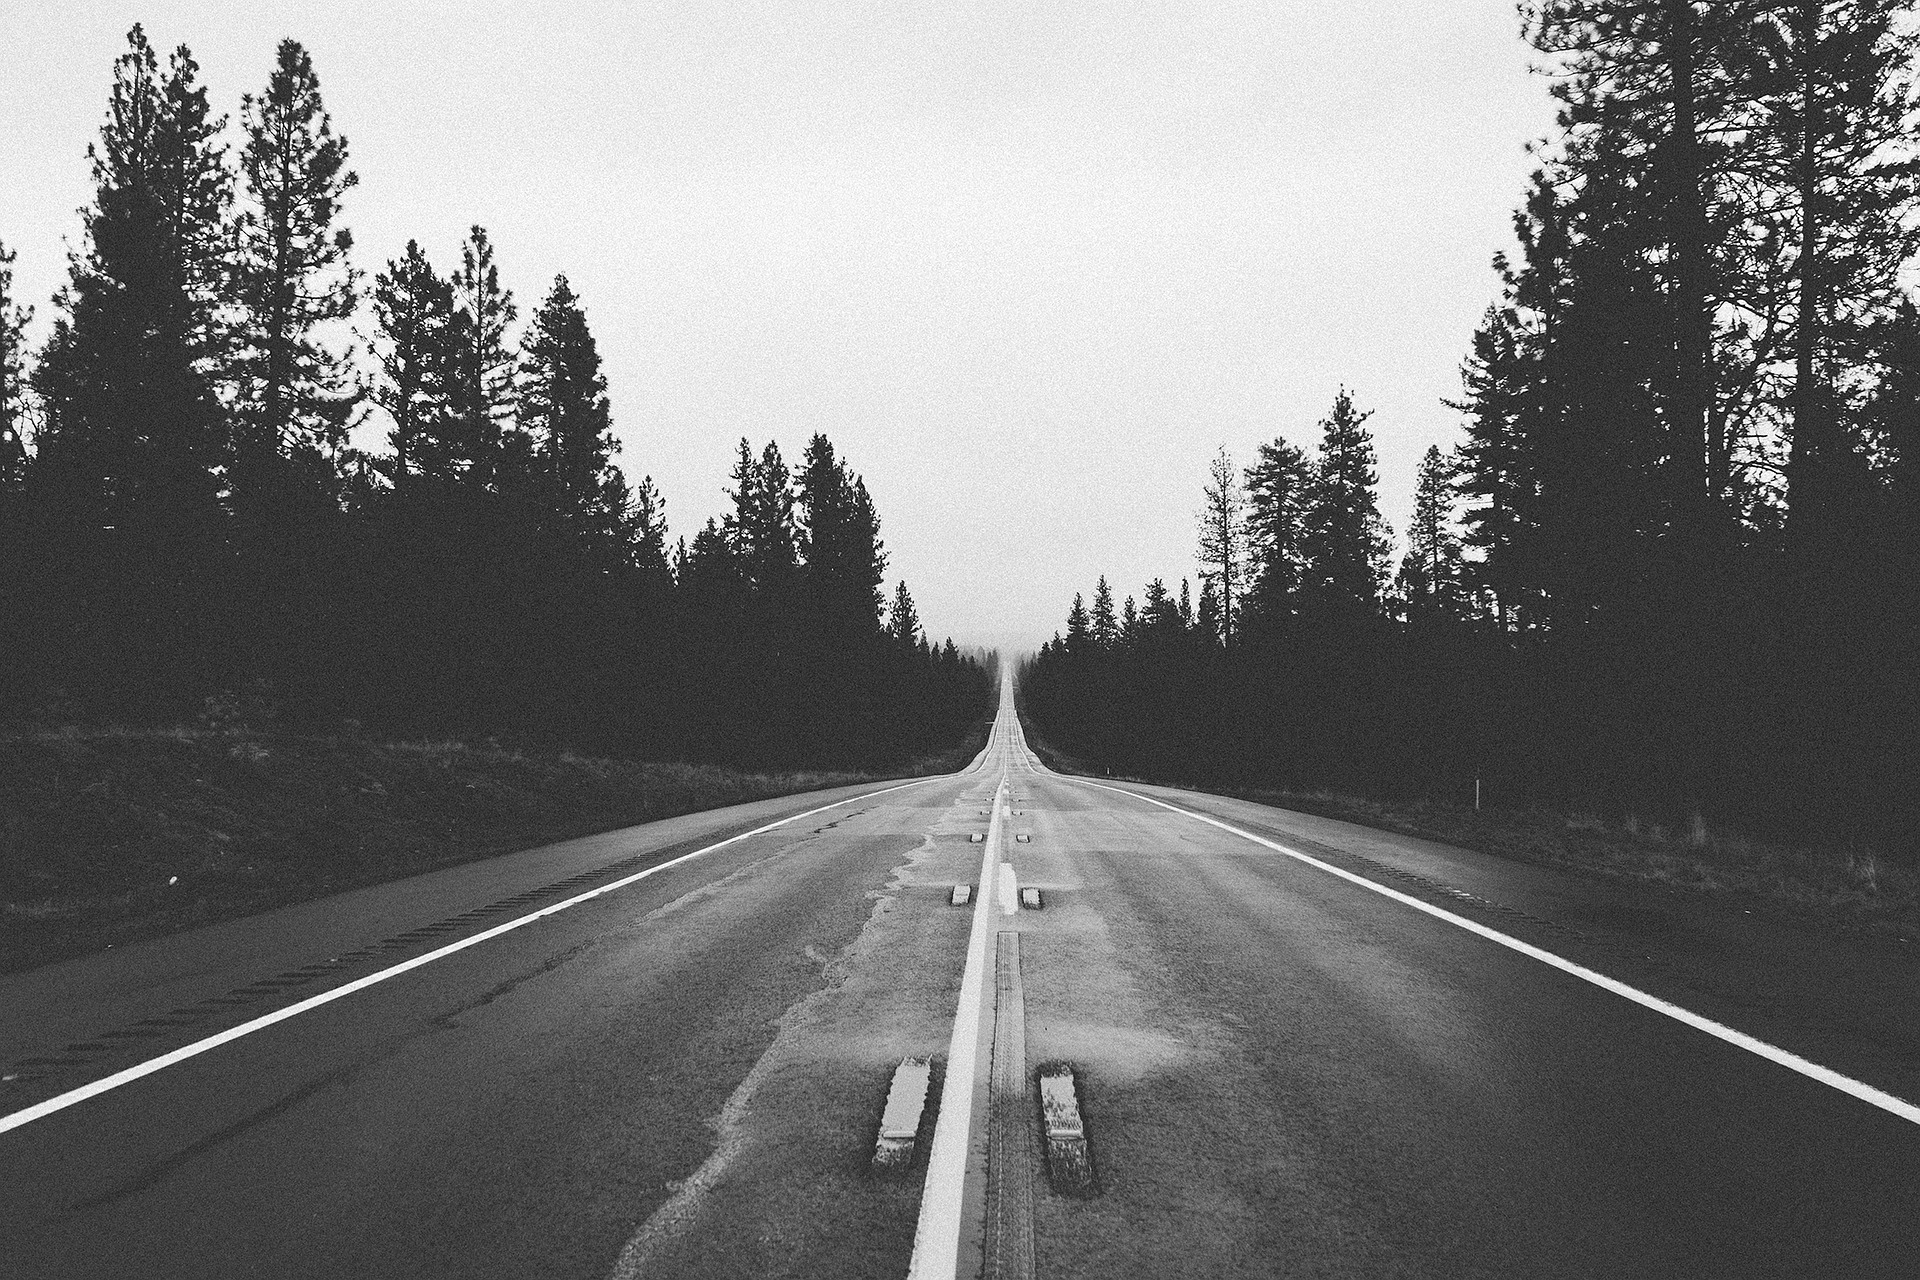 road-569042_1920.jpg